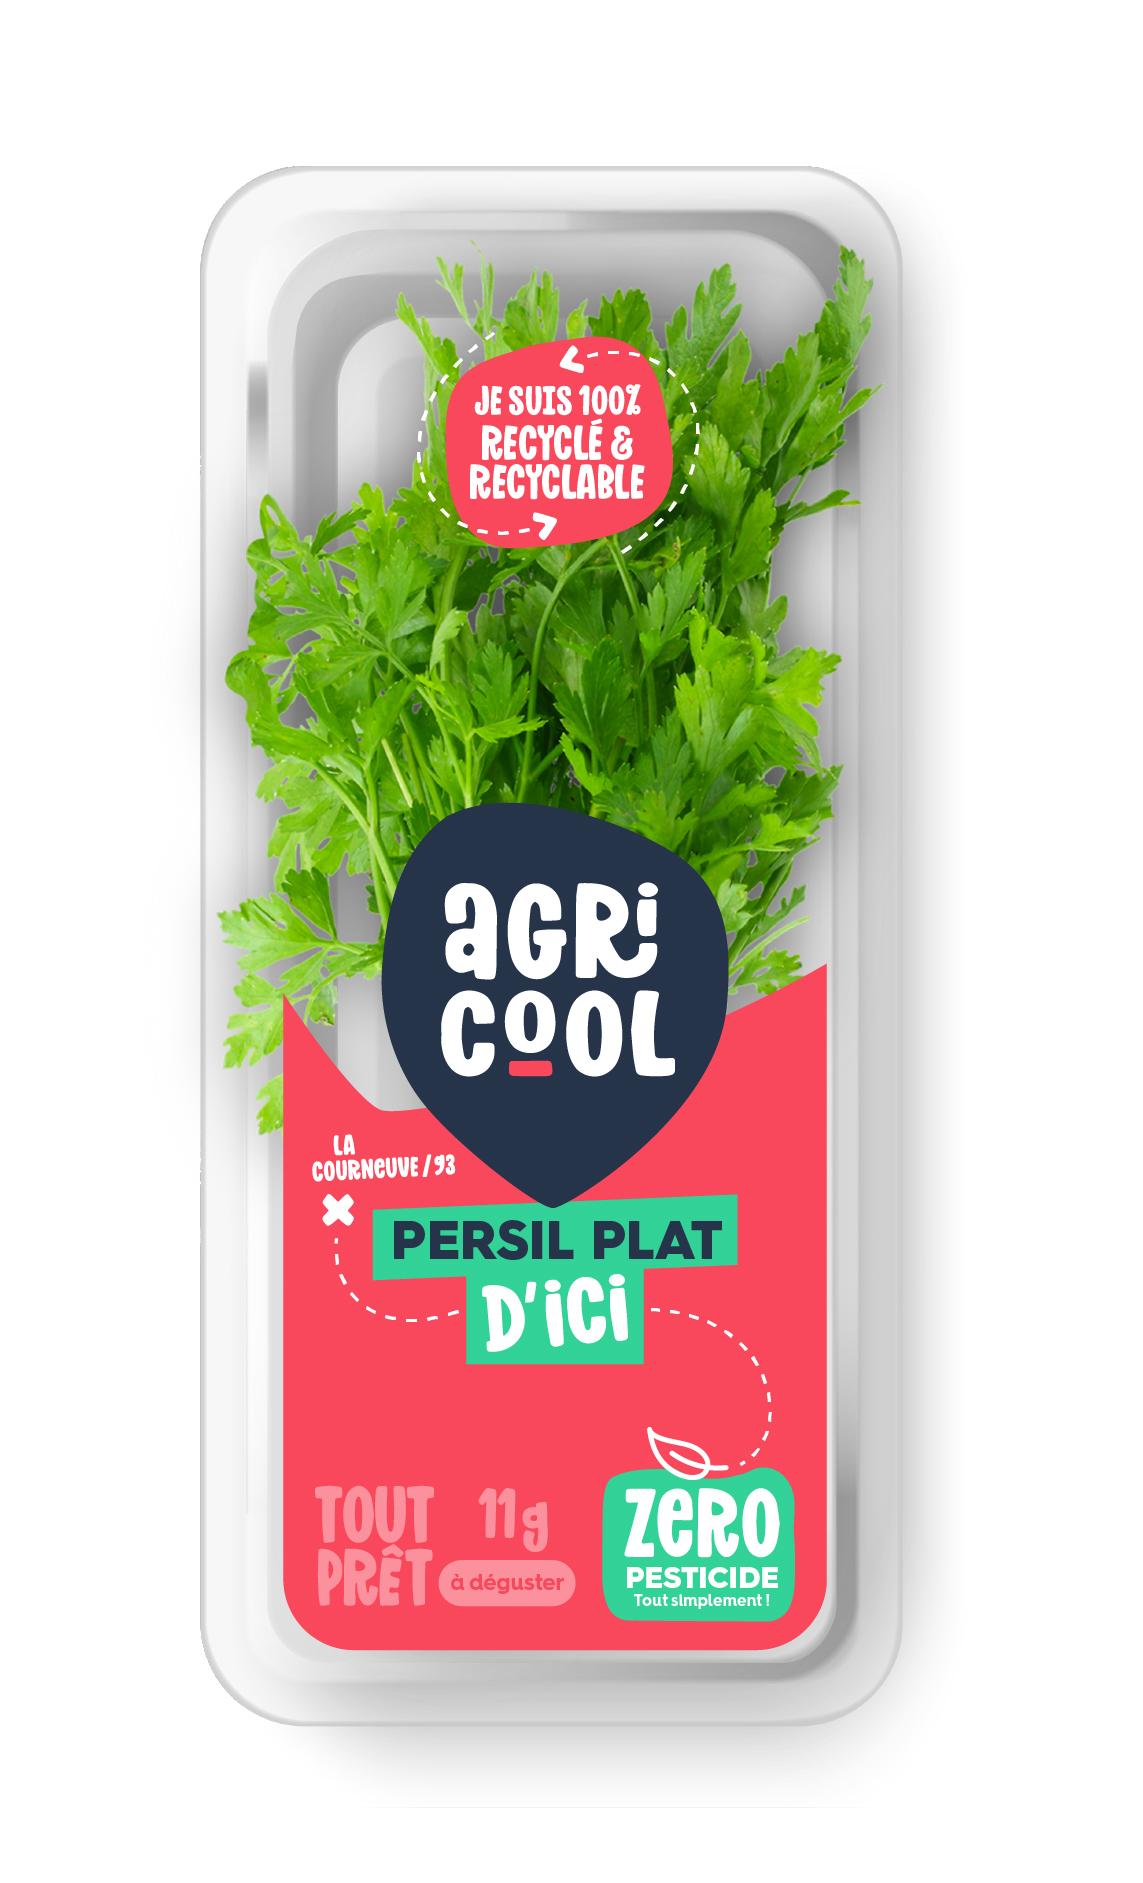 agricool03 - Agricool accélère sur l'ultra local